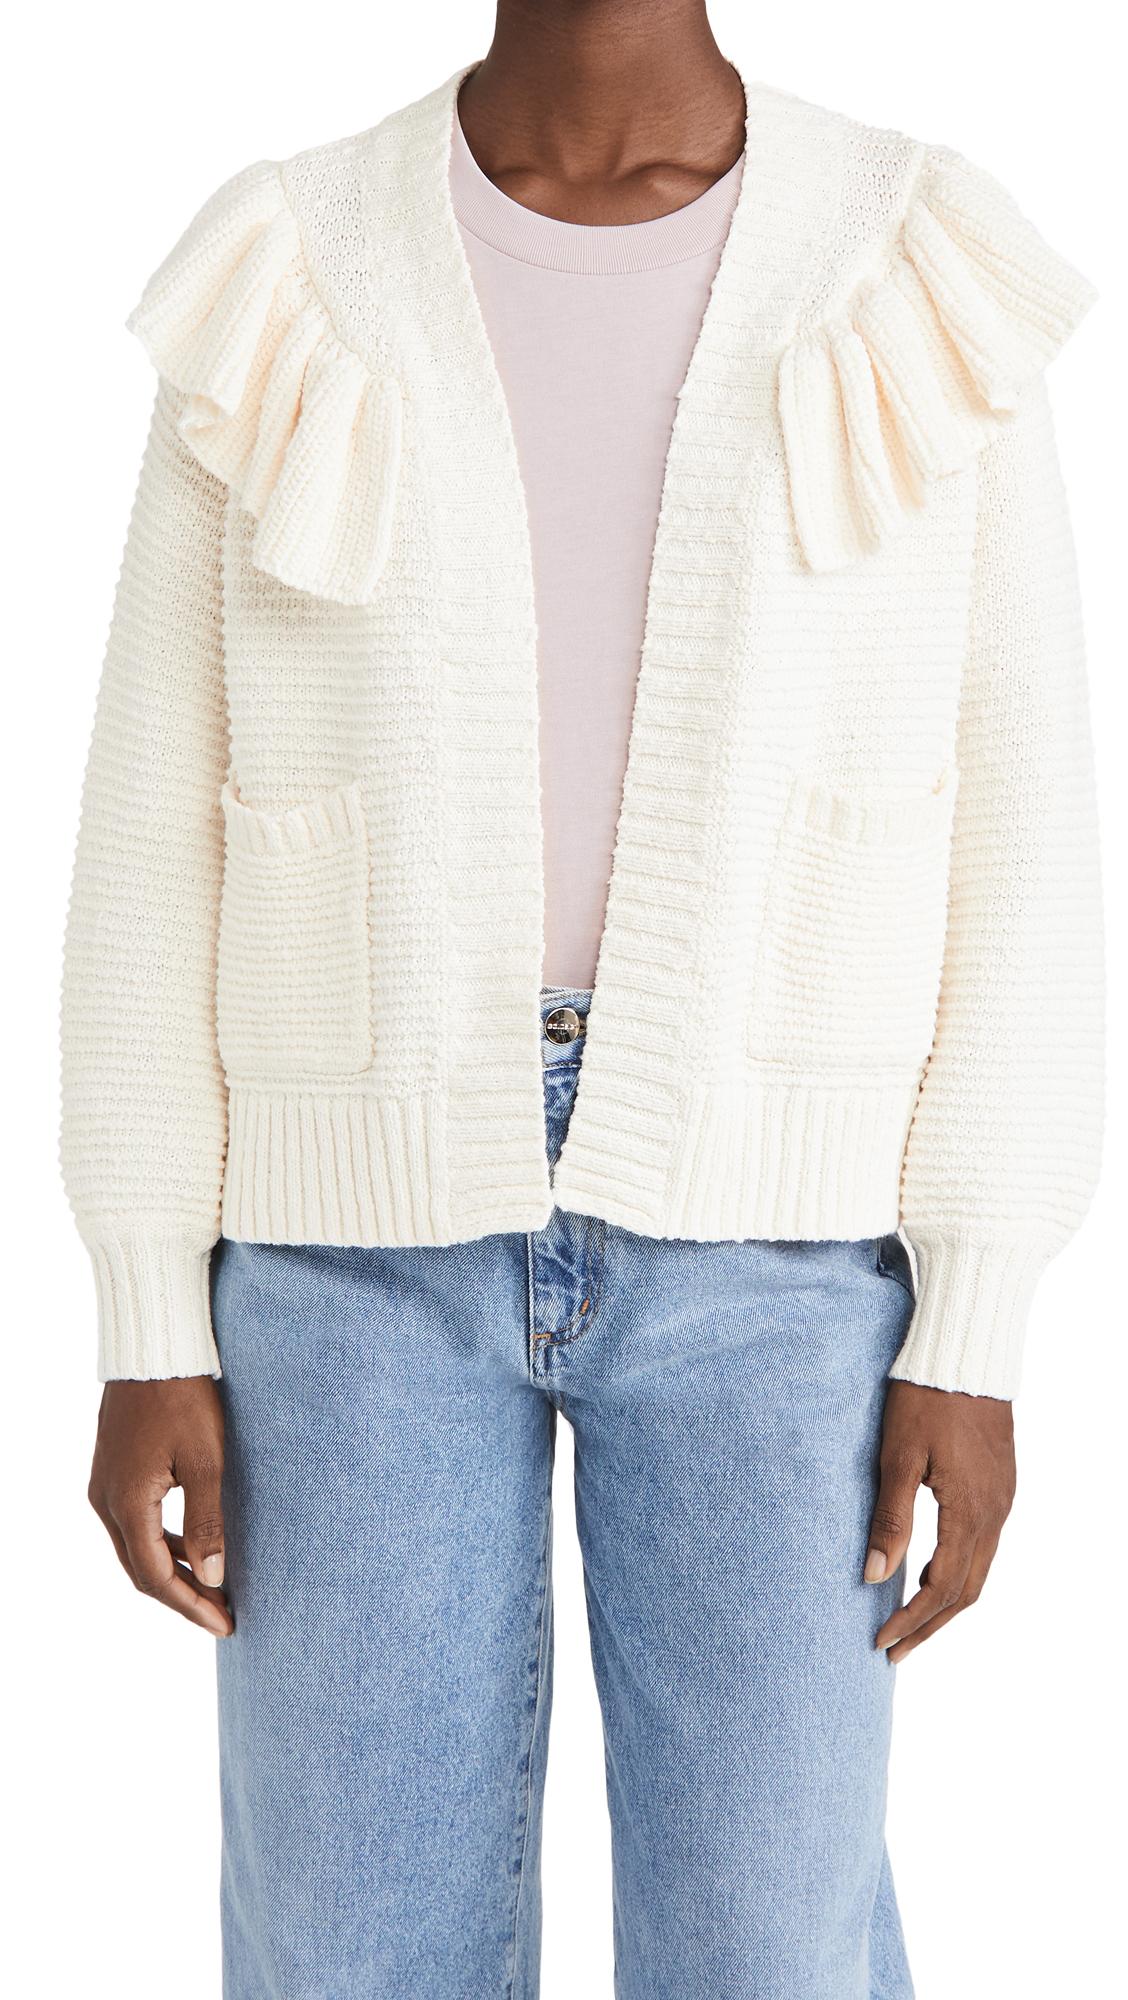 Madewell Ruffle Cardigan Sweater